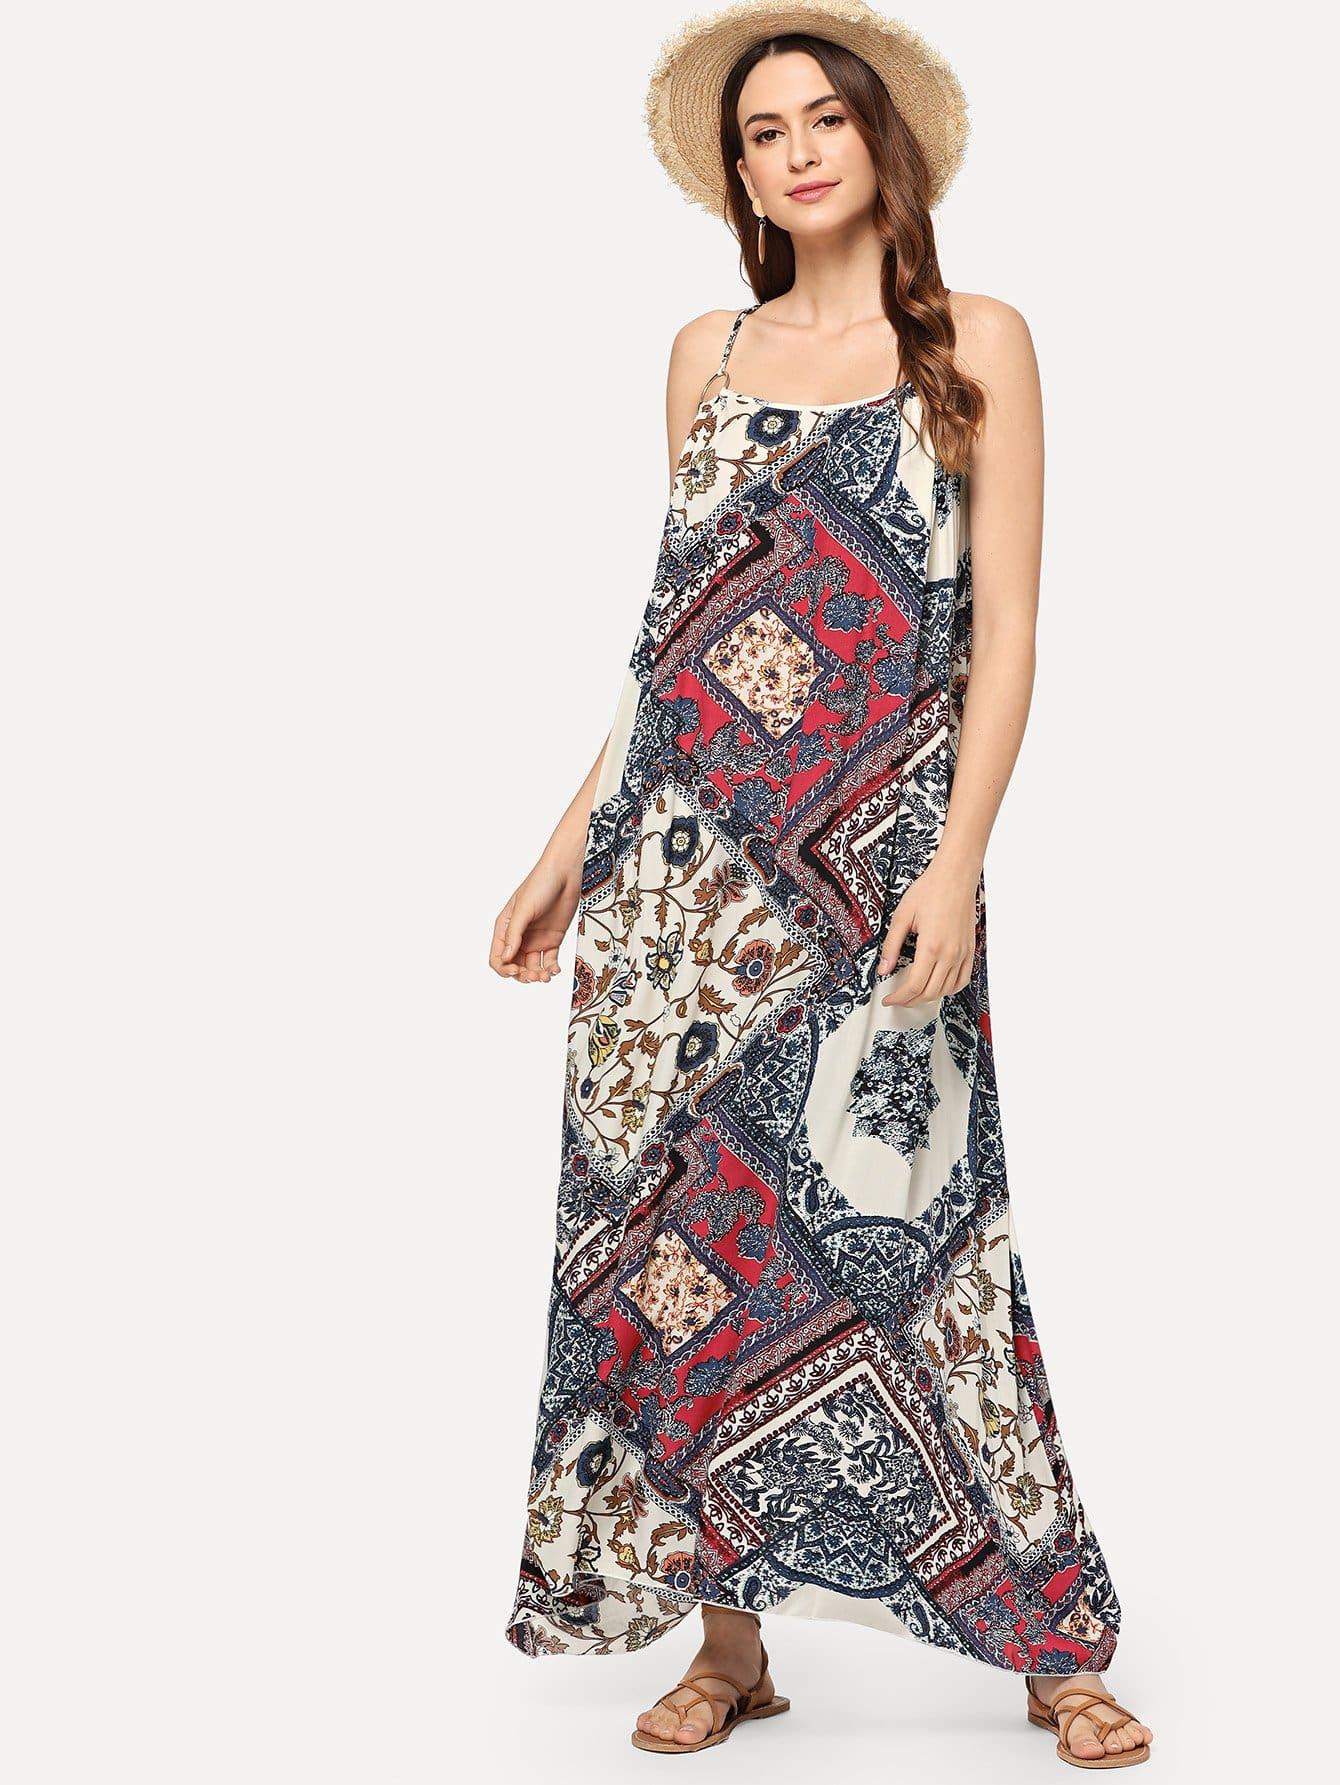 Купить Платье на бретелях и с рисунками геометрий и цветов, Jana, SheIn